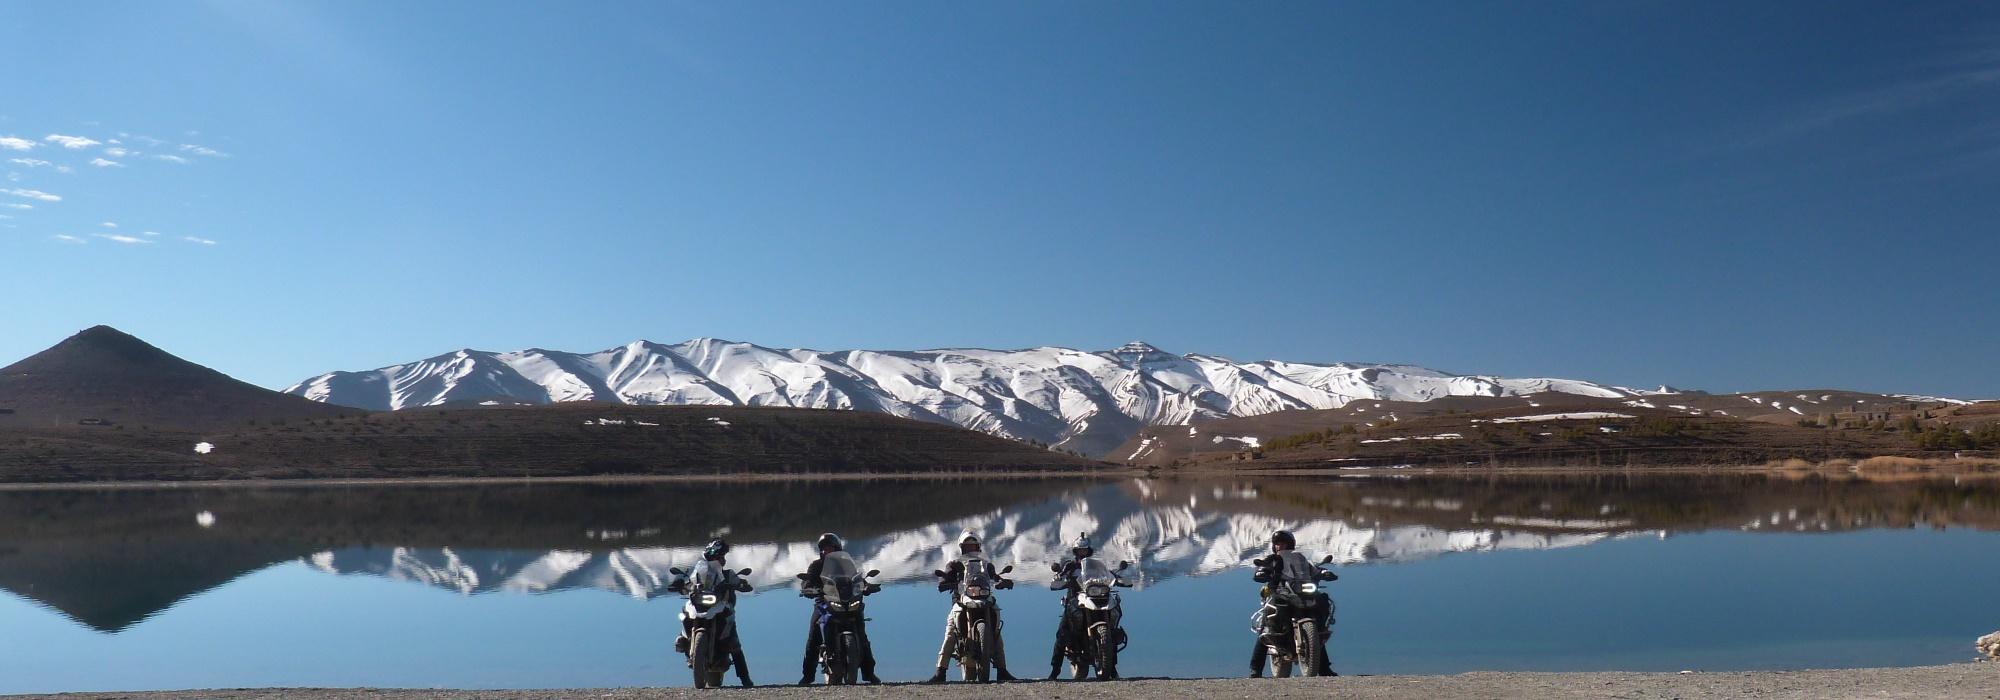 Viaje en Moto Interior de Marruecos